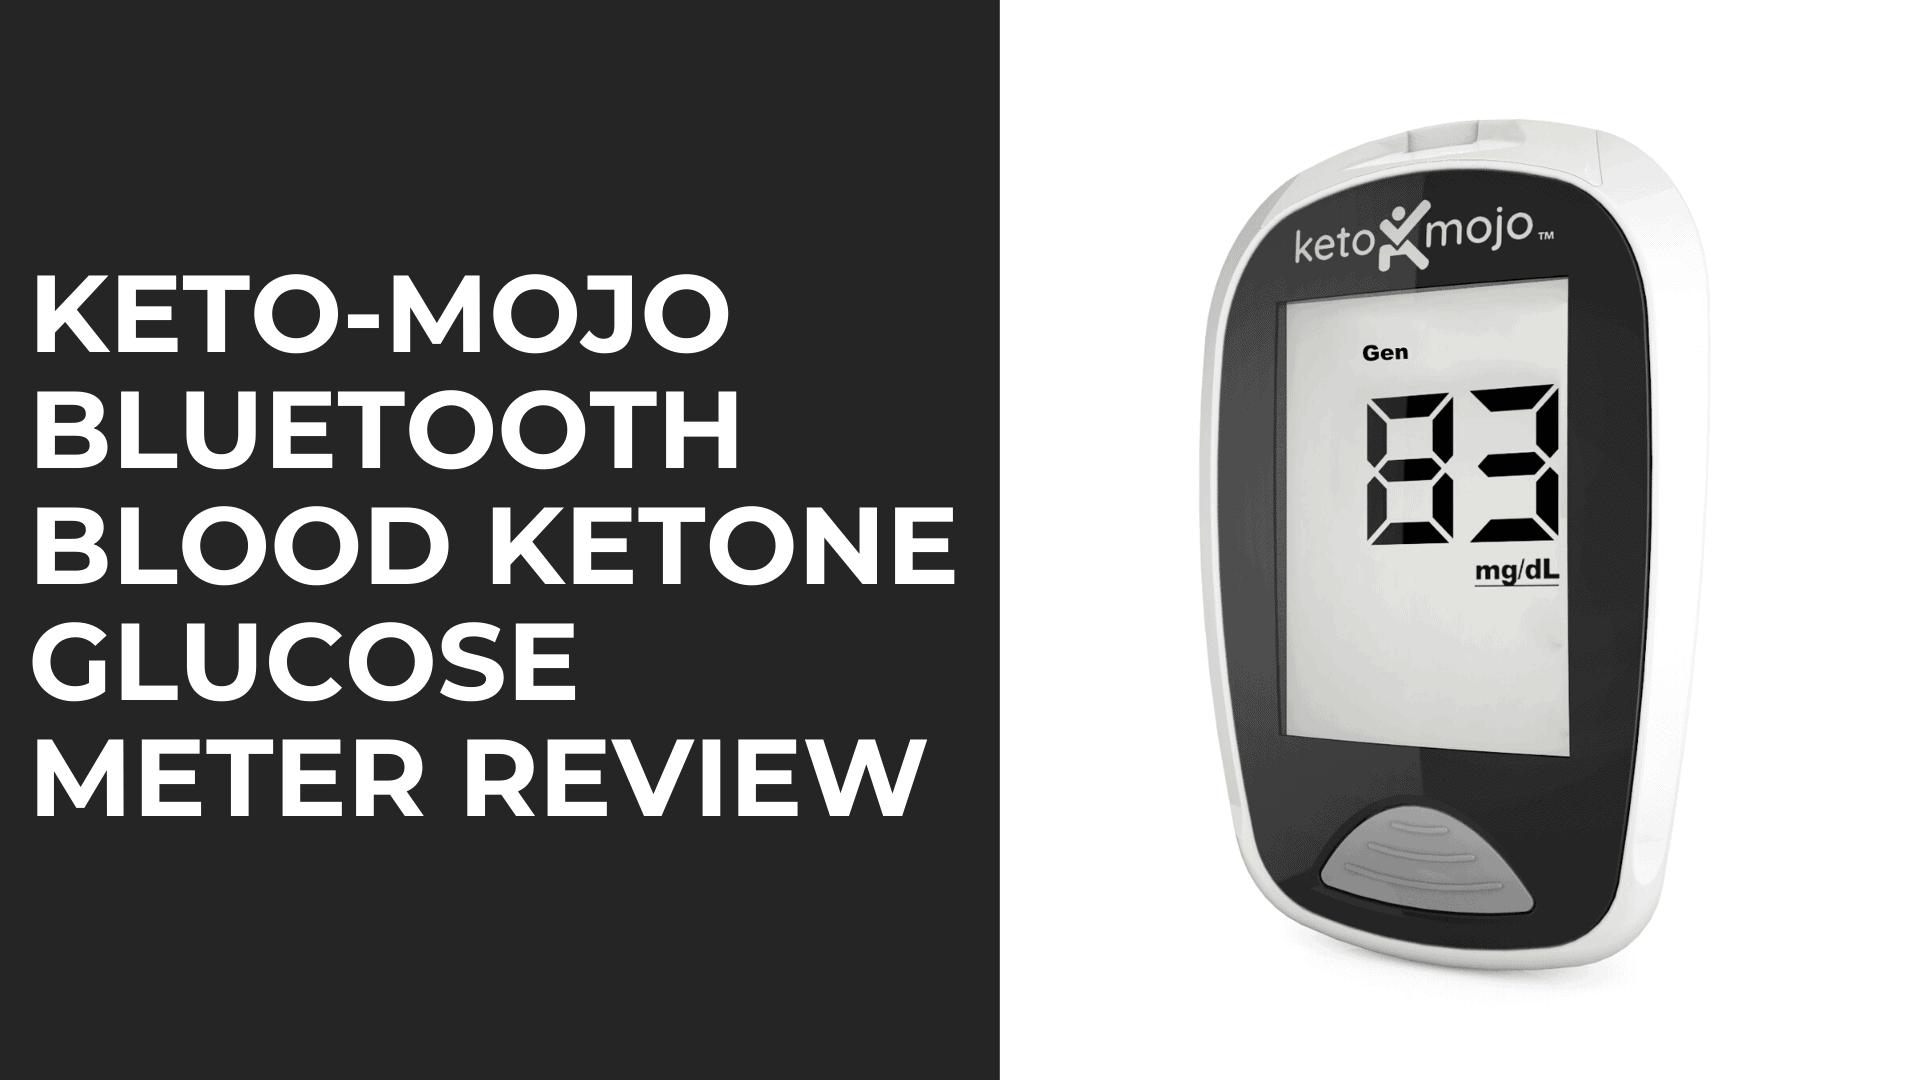 KETO-MOJO Glucose Meter review